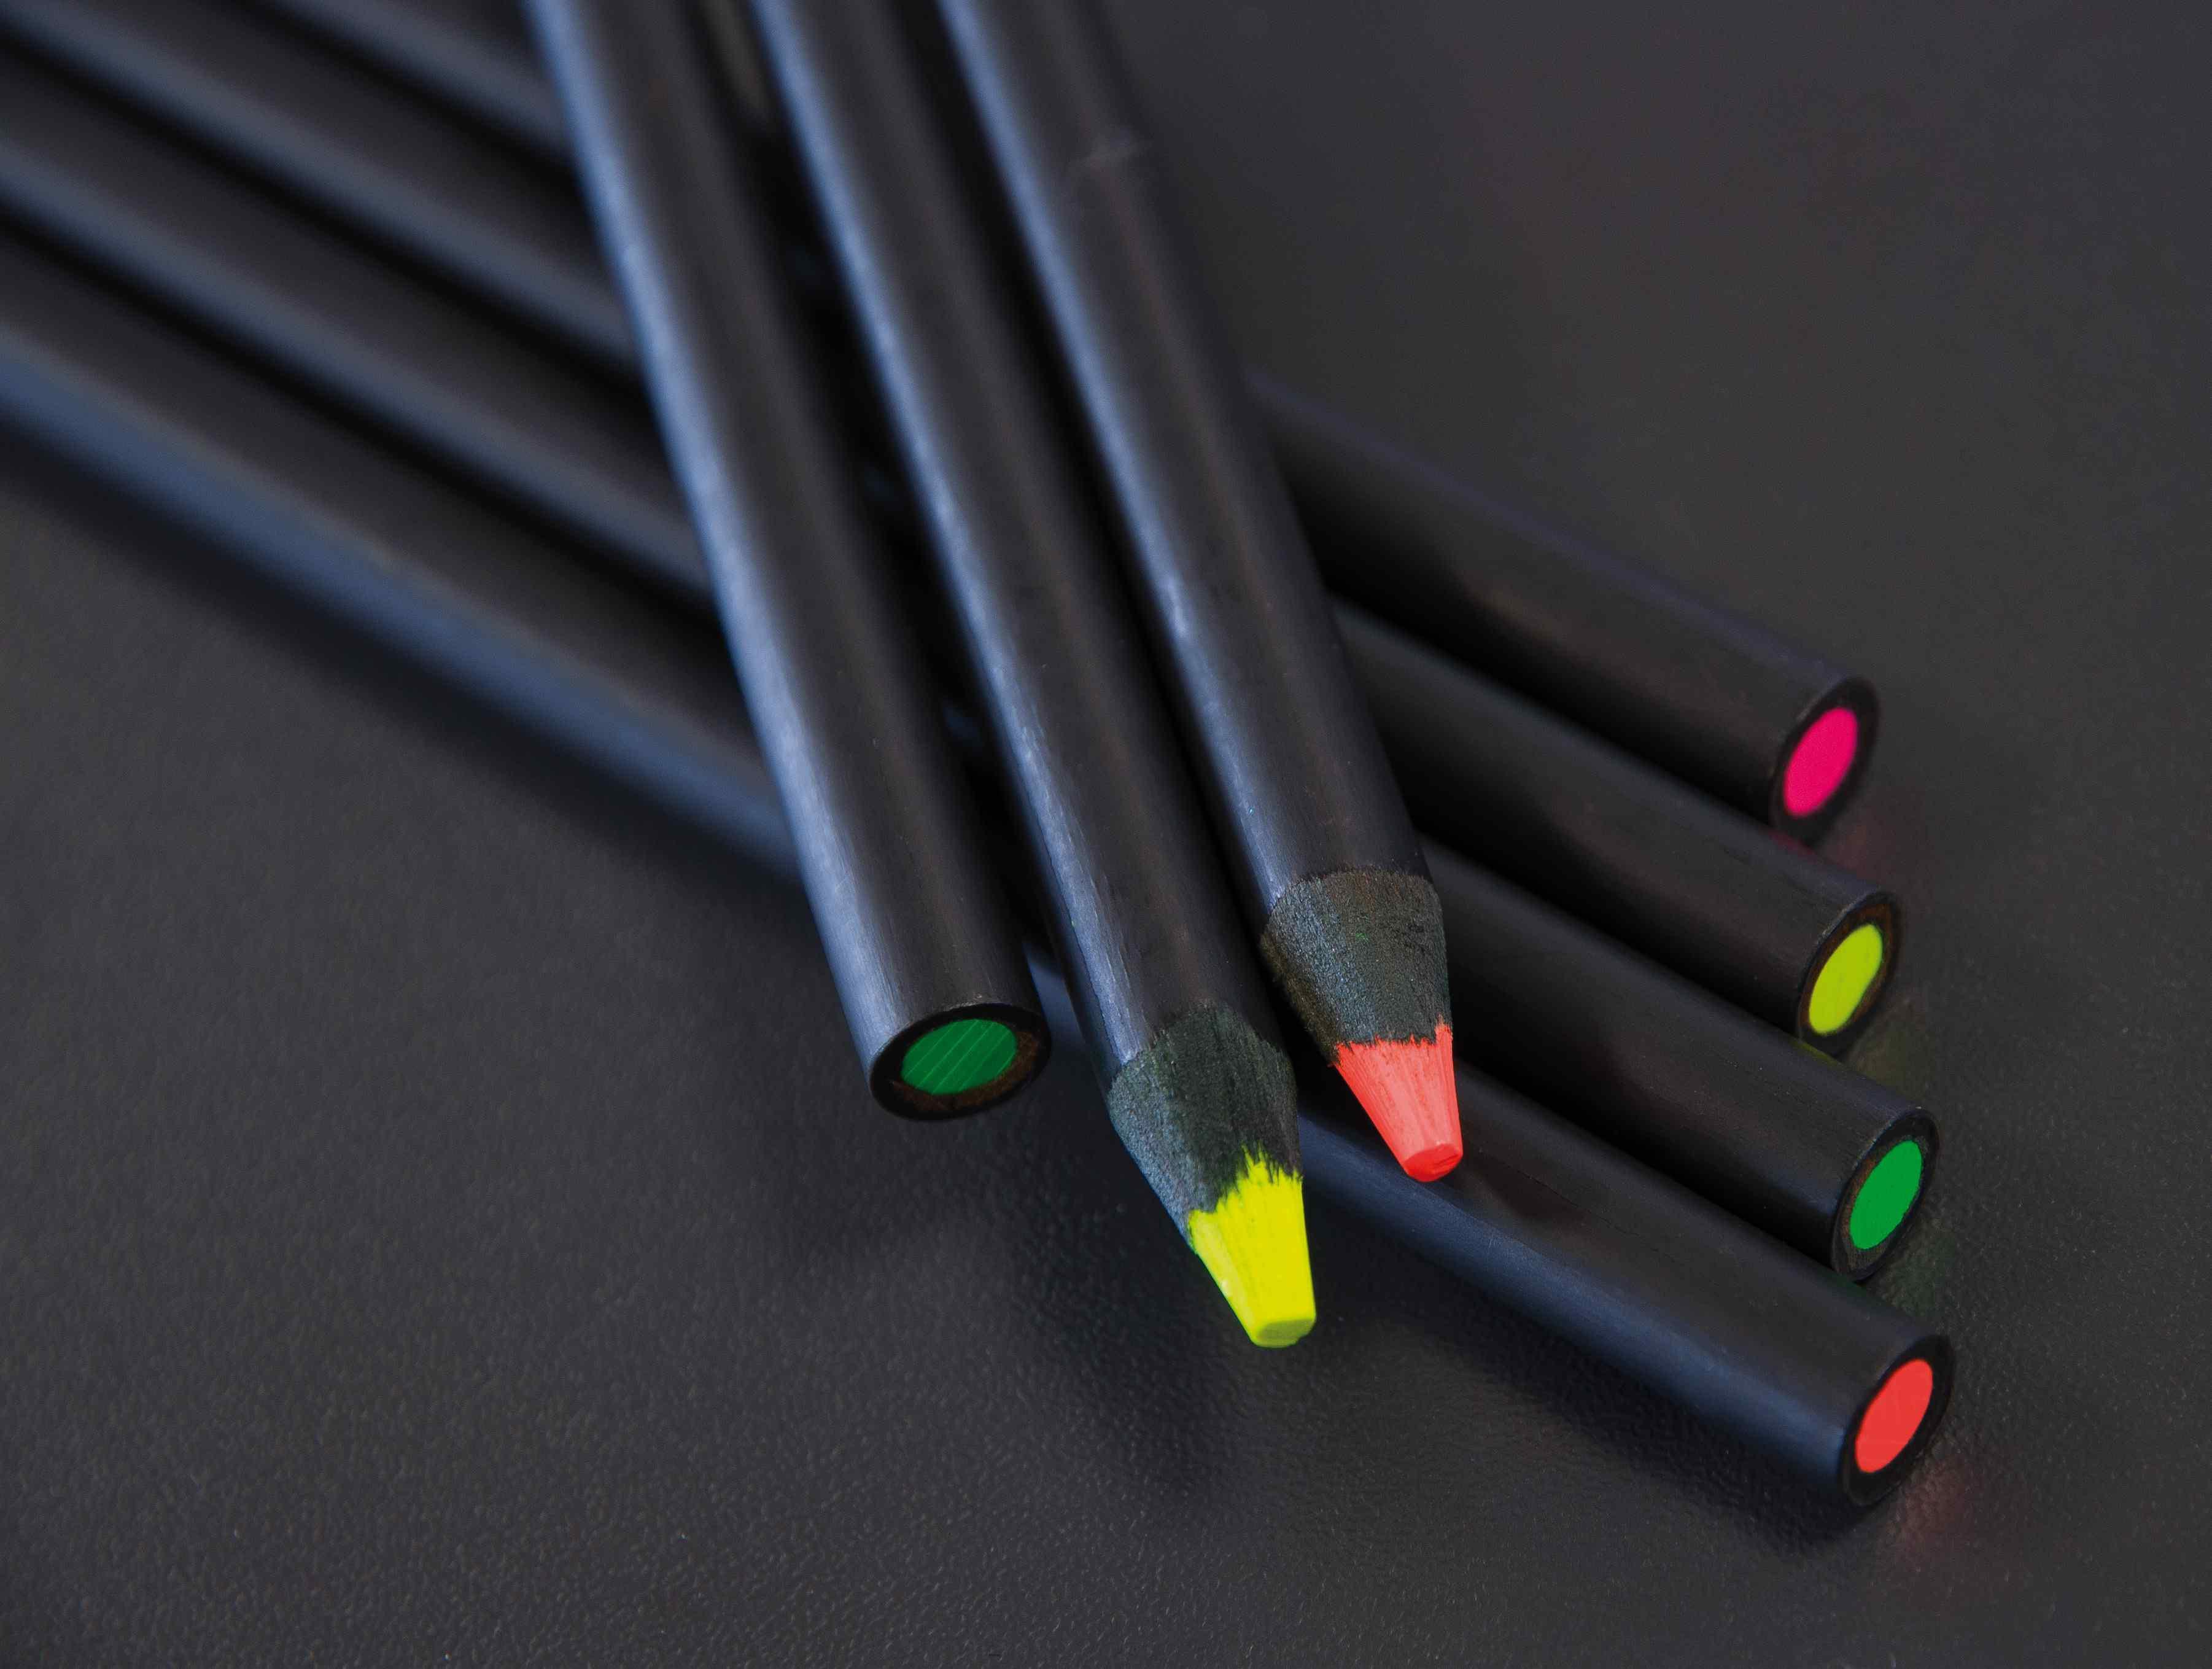 crayon surligneur personnalisable en bois vernis noir - objet publicitaire écolo